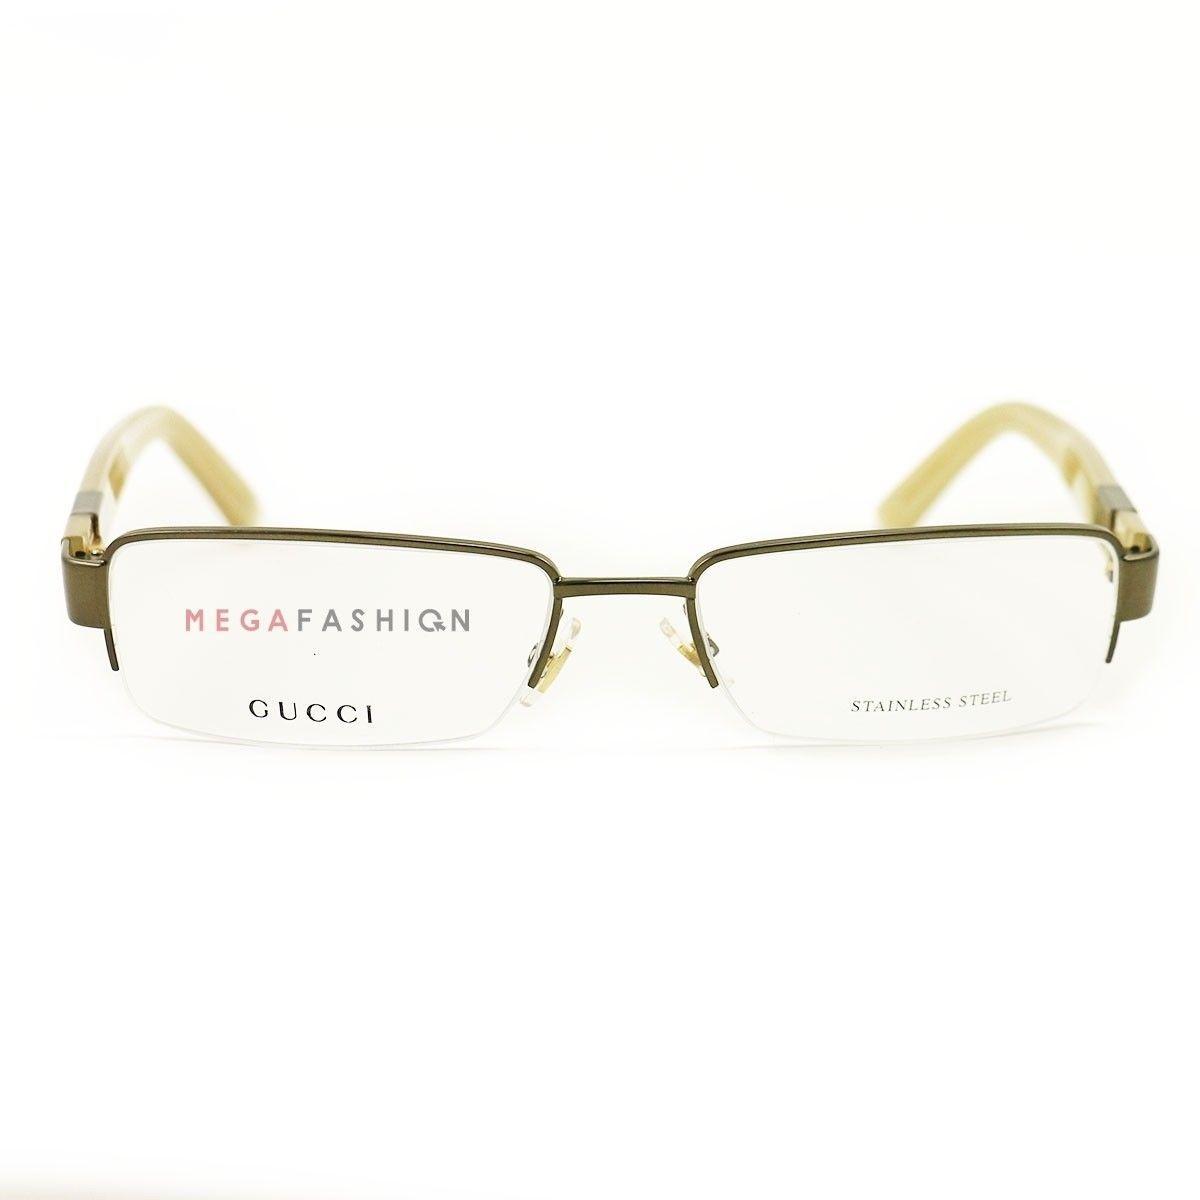 08b64752563 New Gucci Eyeglasses GG 1878 QYQ Brown Amber and 33 similar items